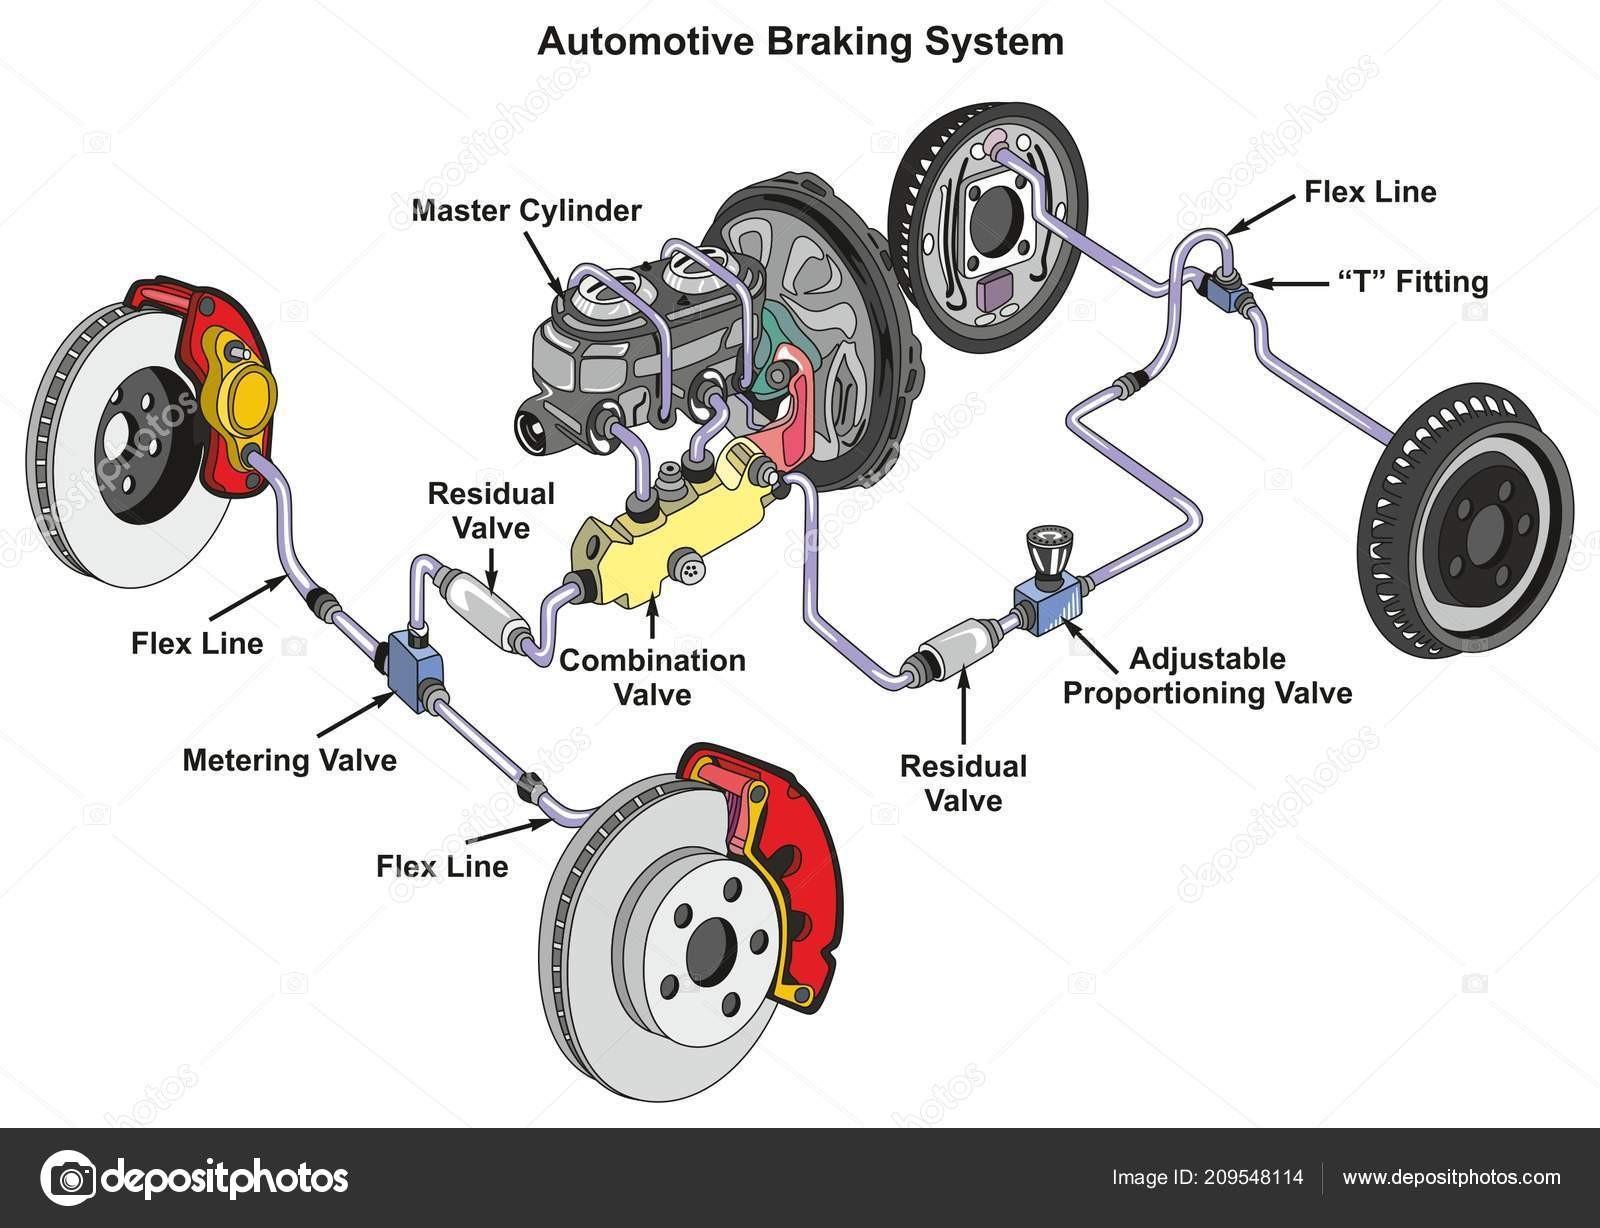 Peterbilt Air Brake Diagram Diagram] Engine Brake System Diagram Full Version Hd Quality Of Peterbilt Air Brake Diagram